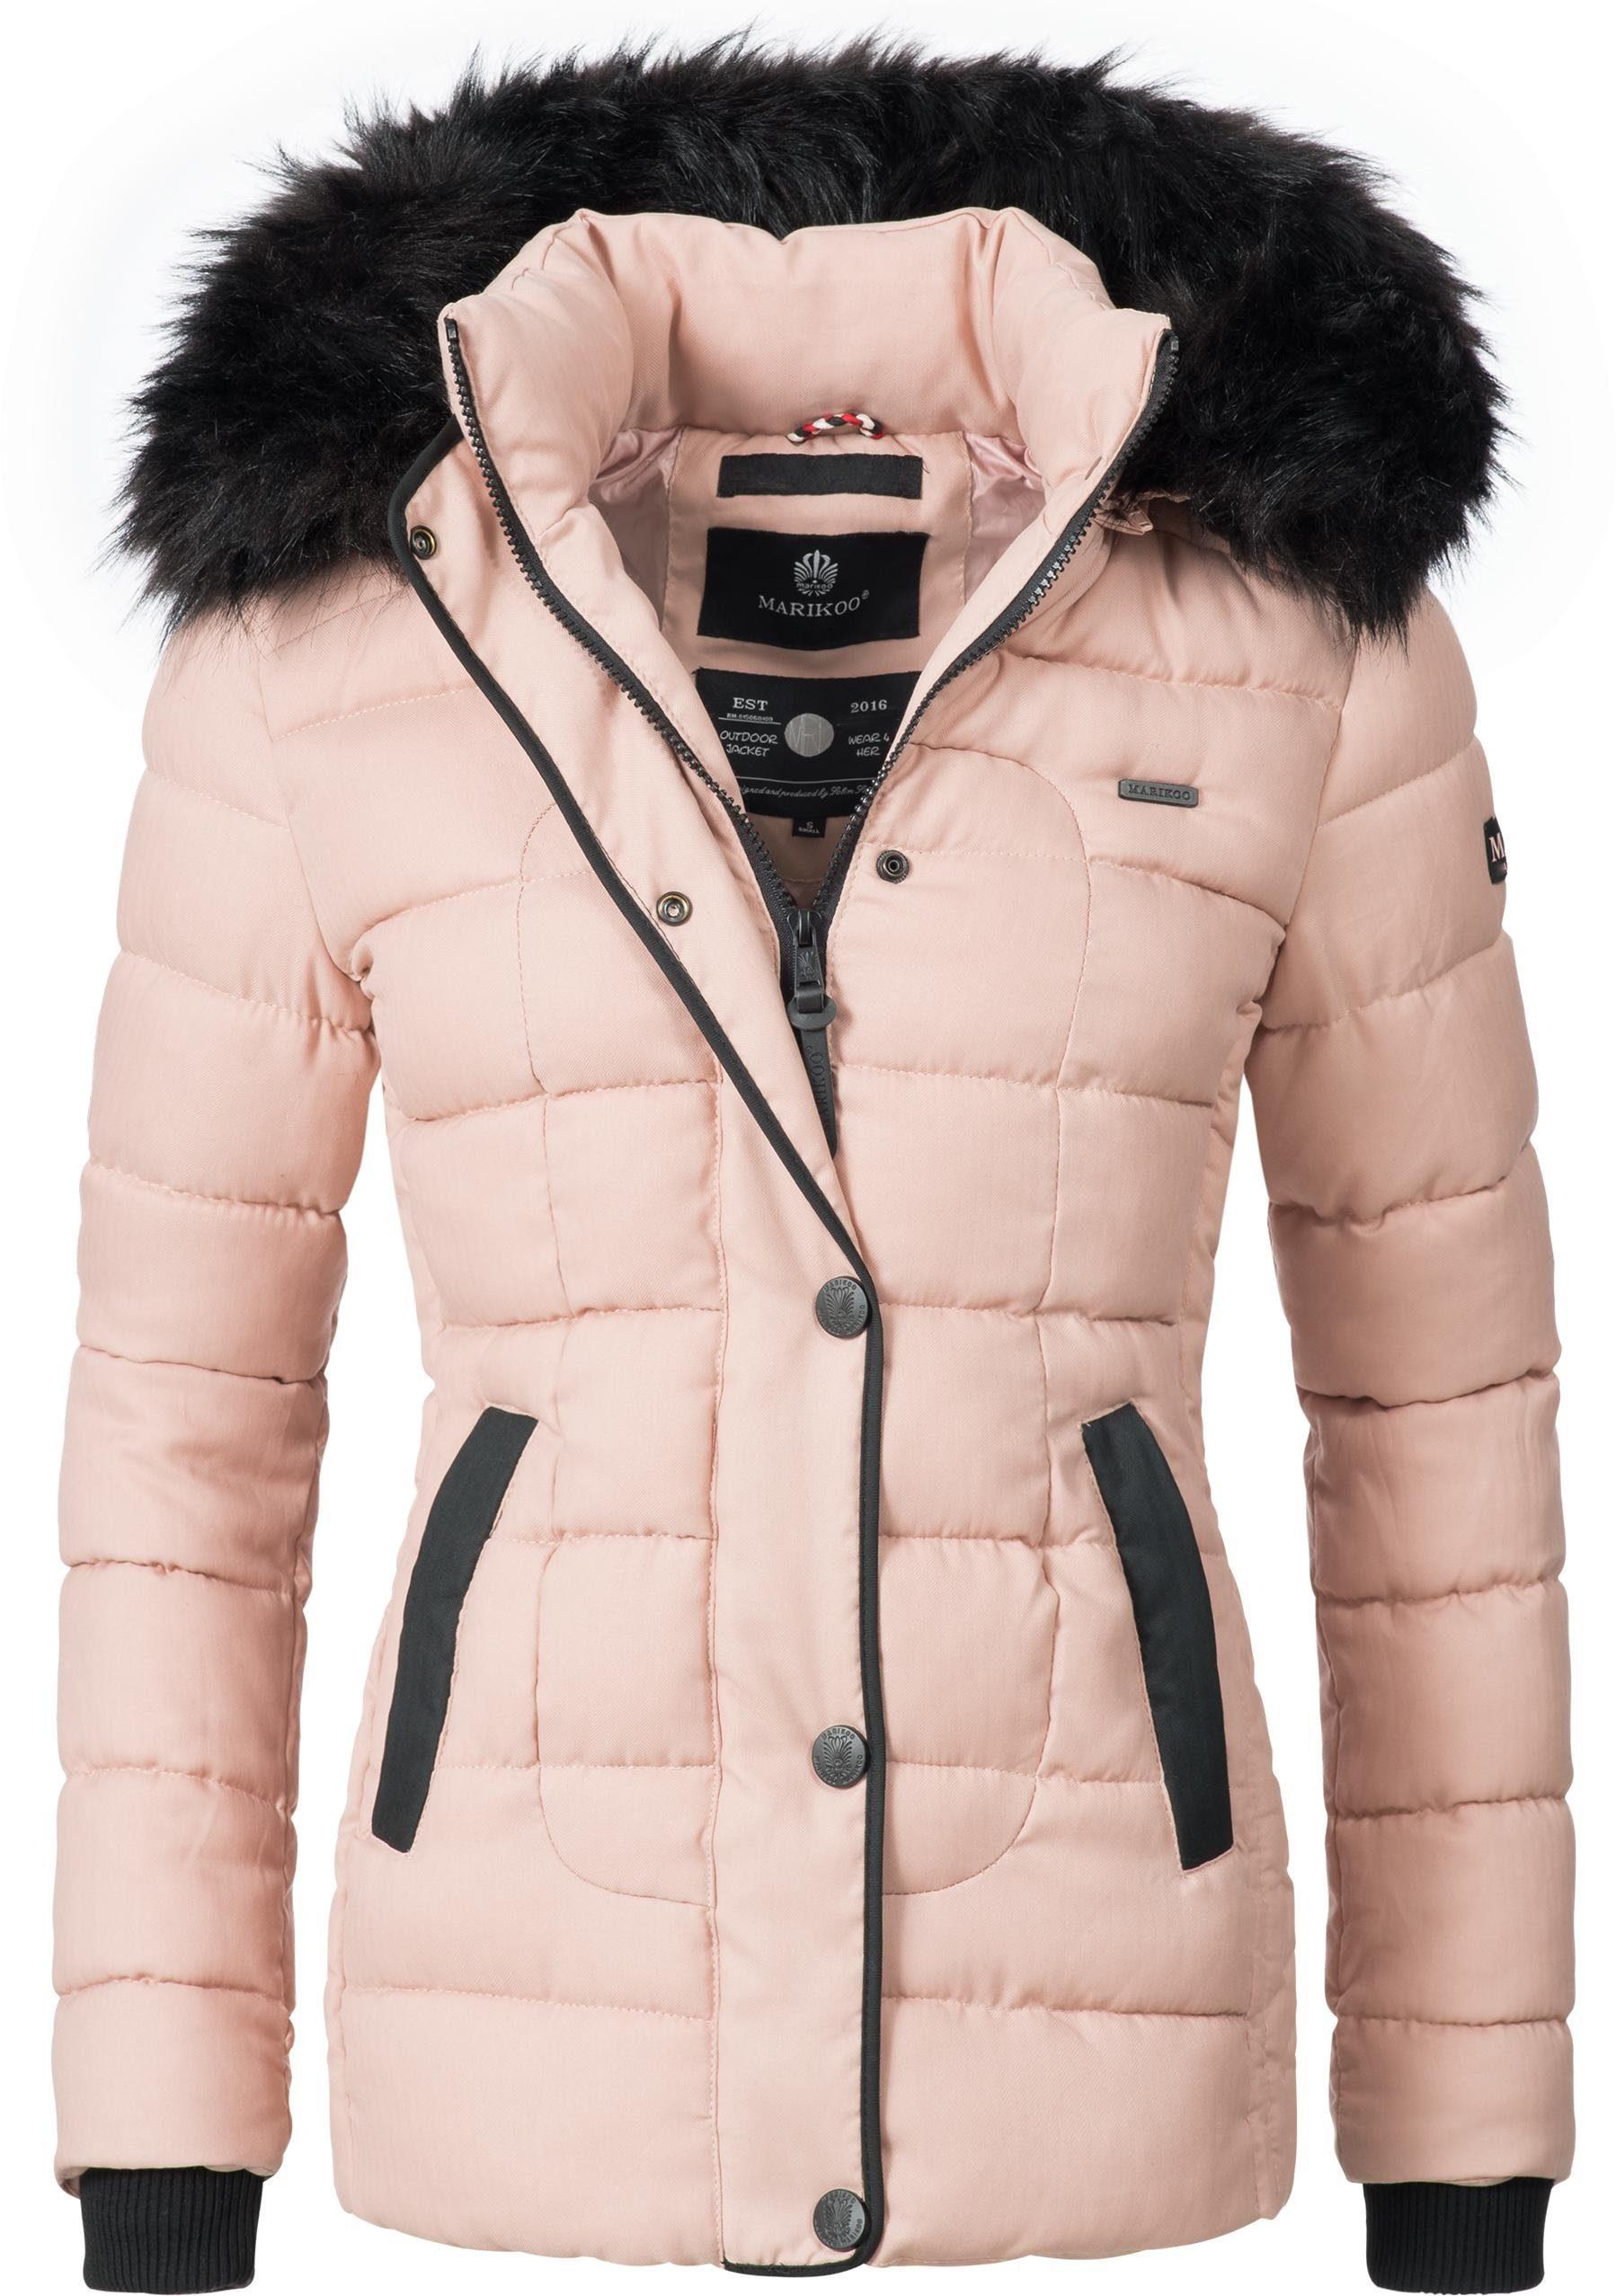 Marikoo Steppjacke »Unique« modische Winterjacke mit Kunstpelz Kapuze online kaufen | OTTO